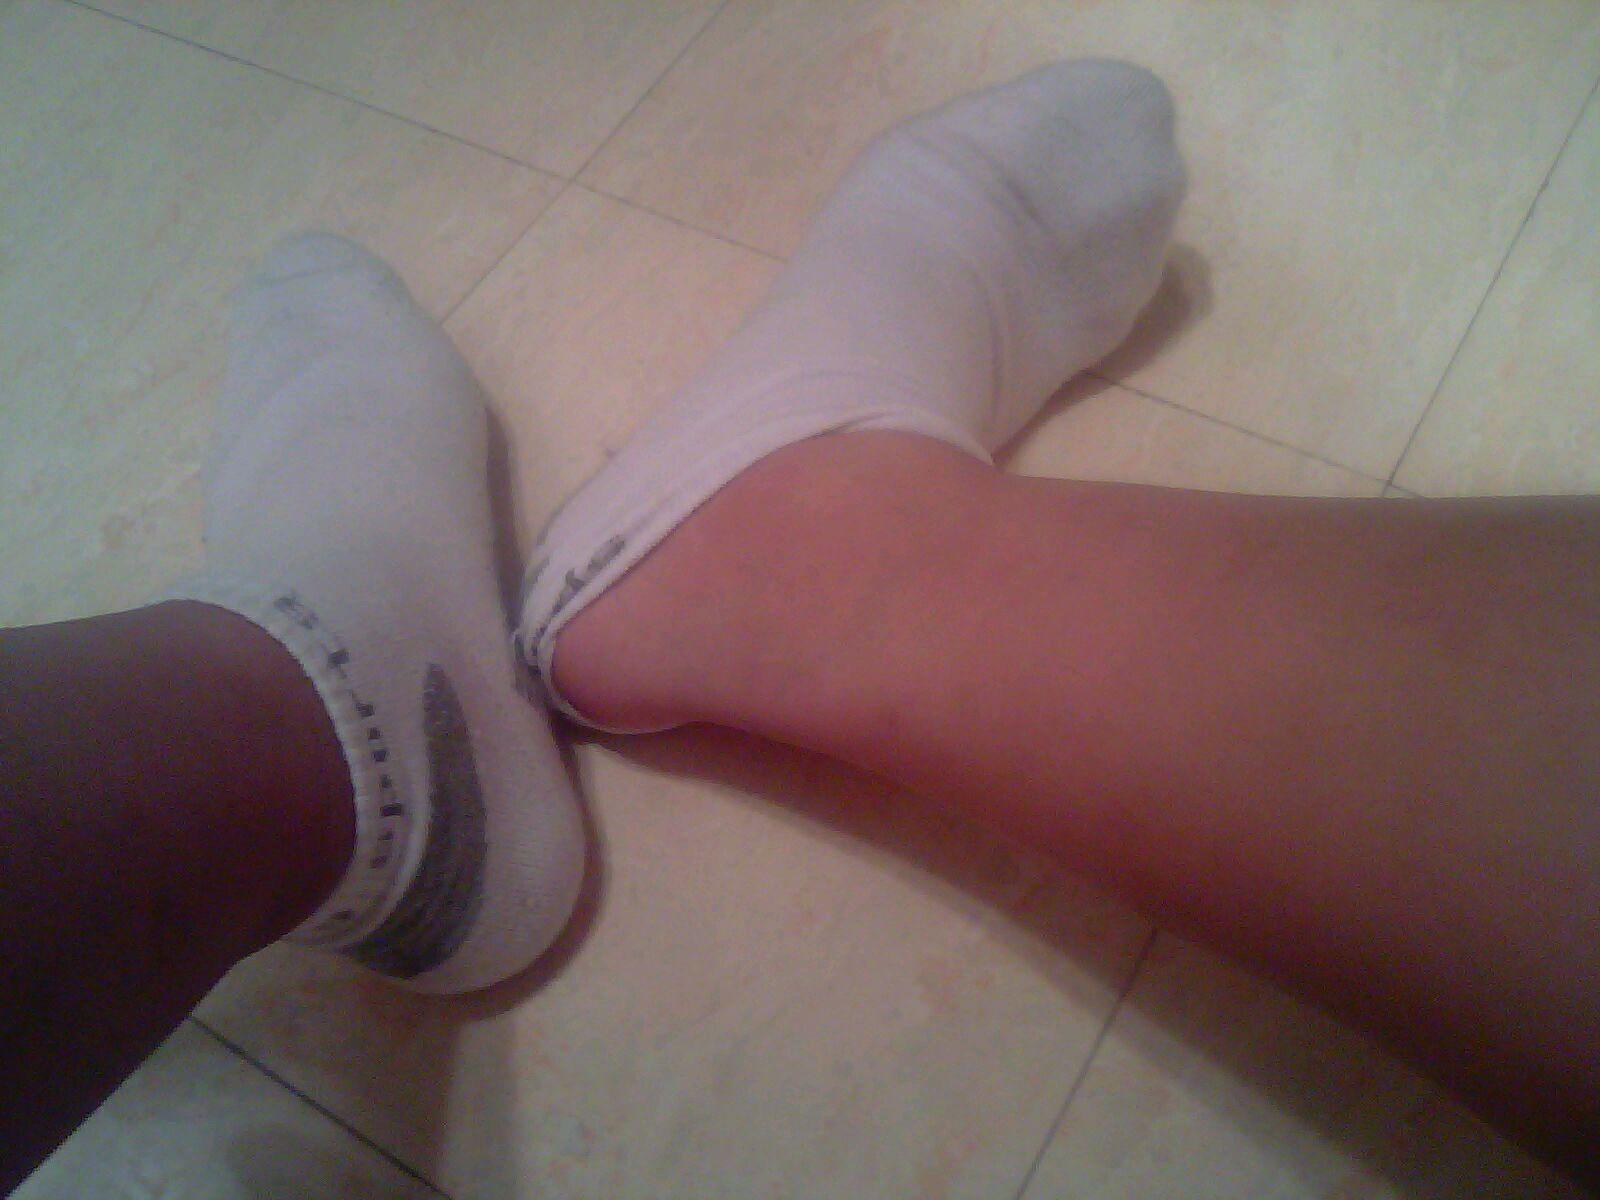 重口味…白袜勃起内裤